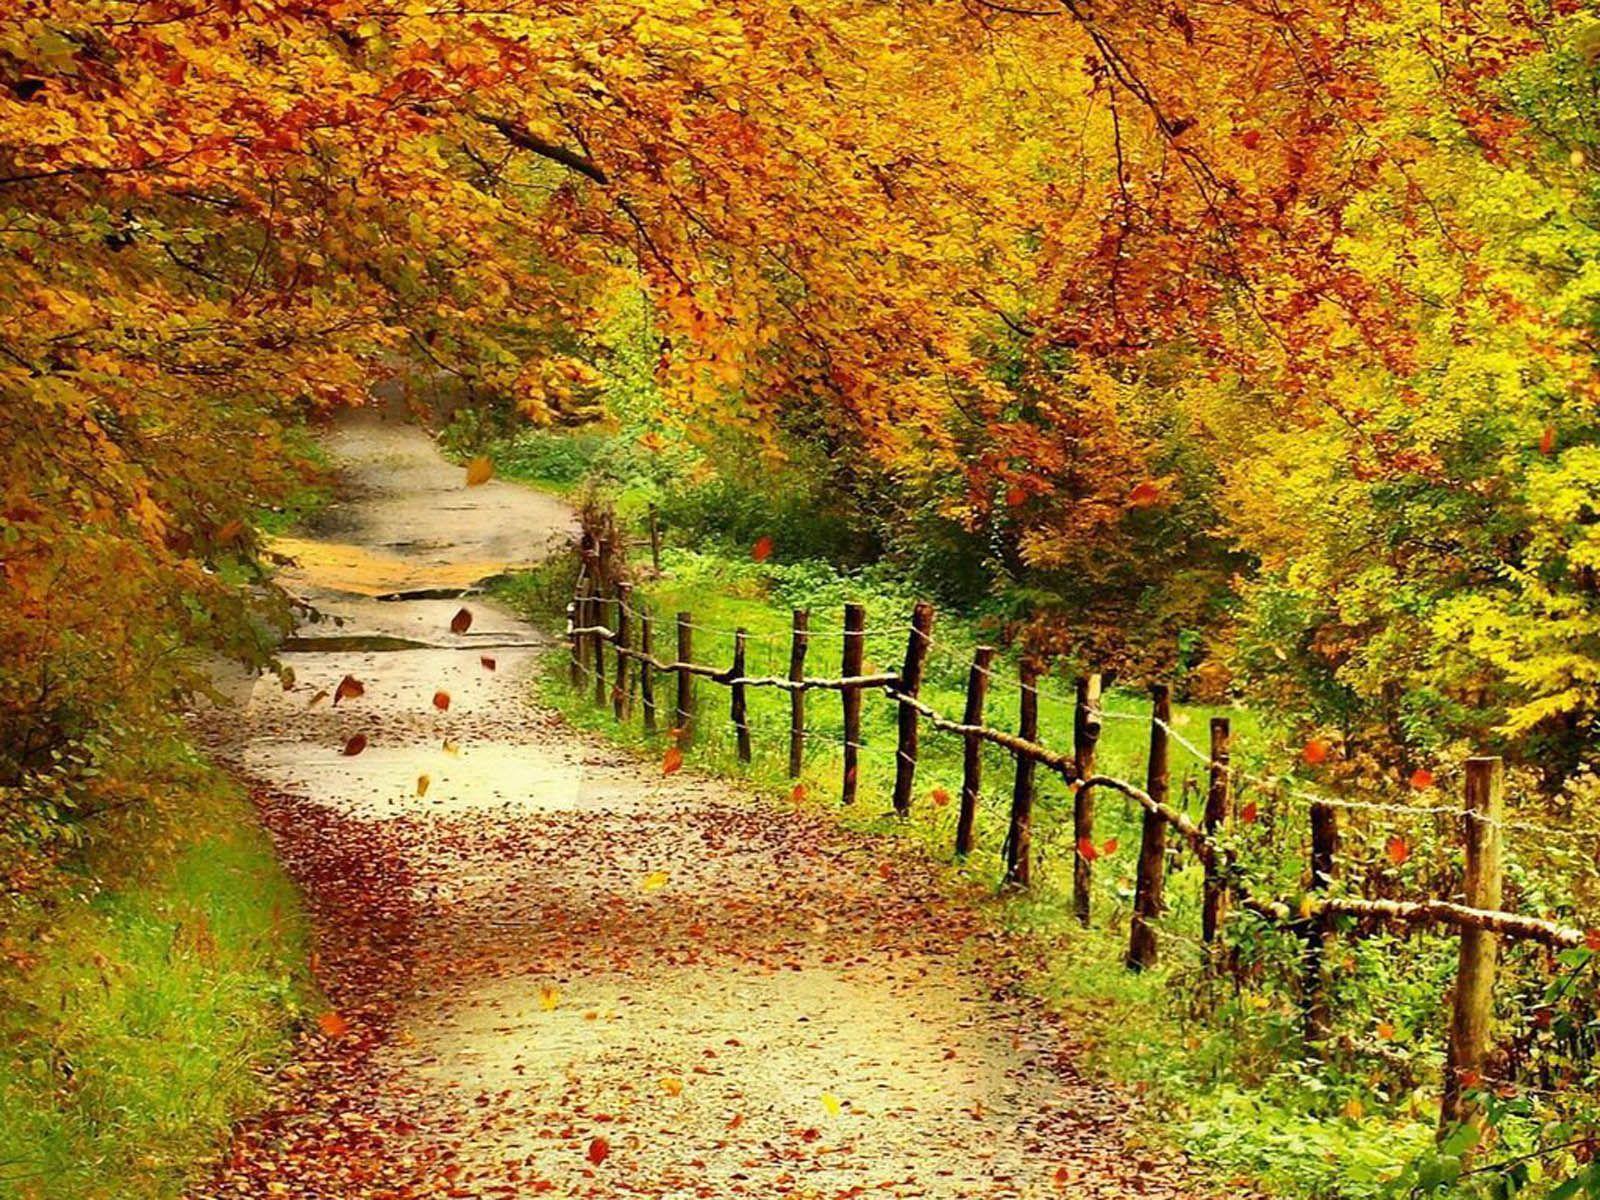 Belle + automne + Paysage + + Fonds d'écran